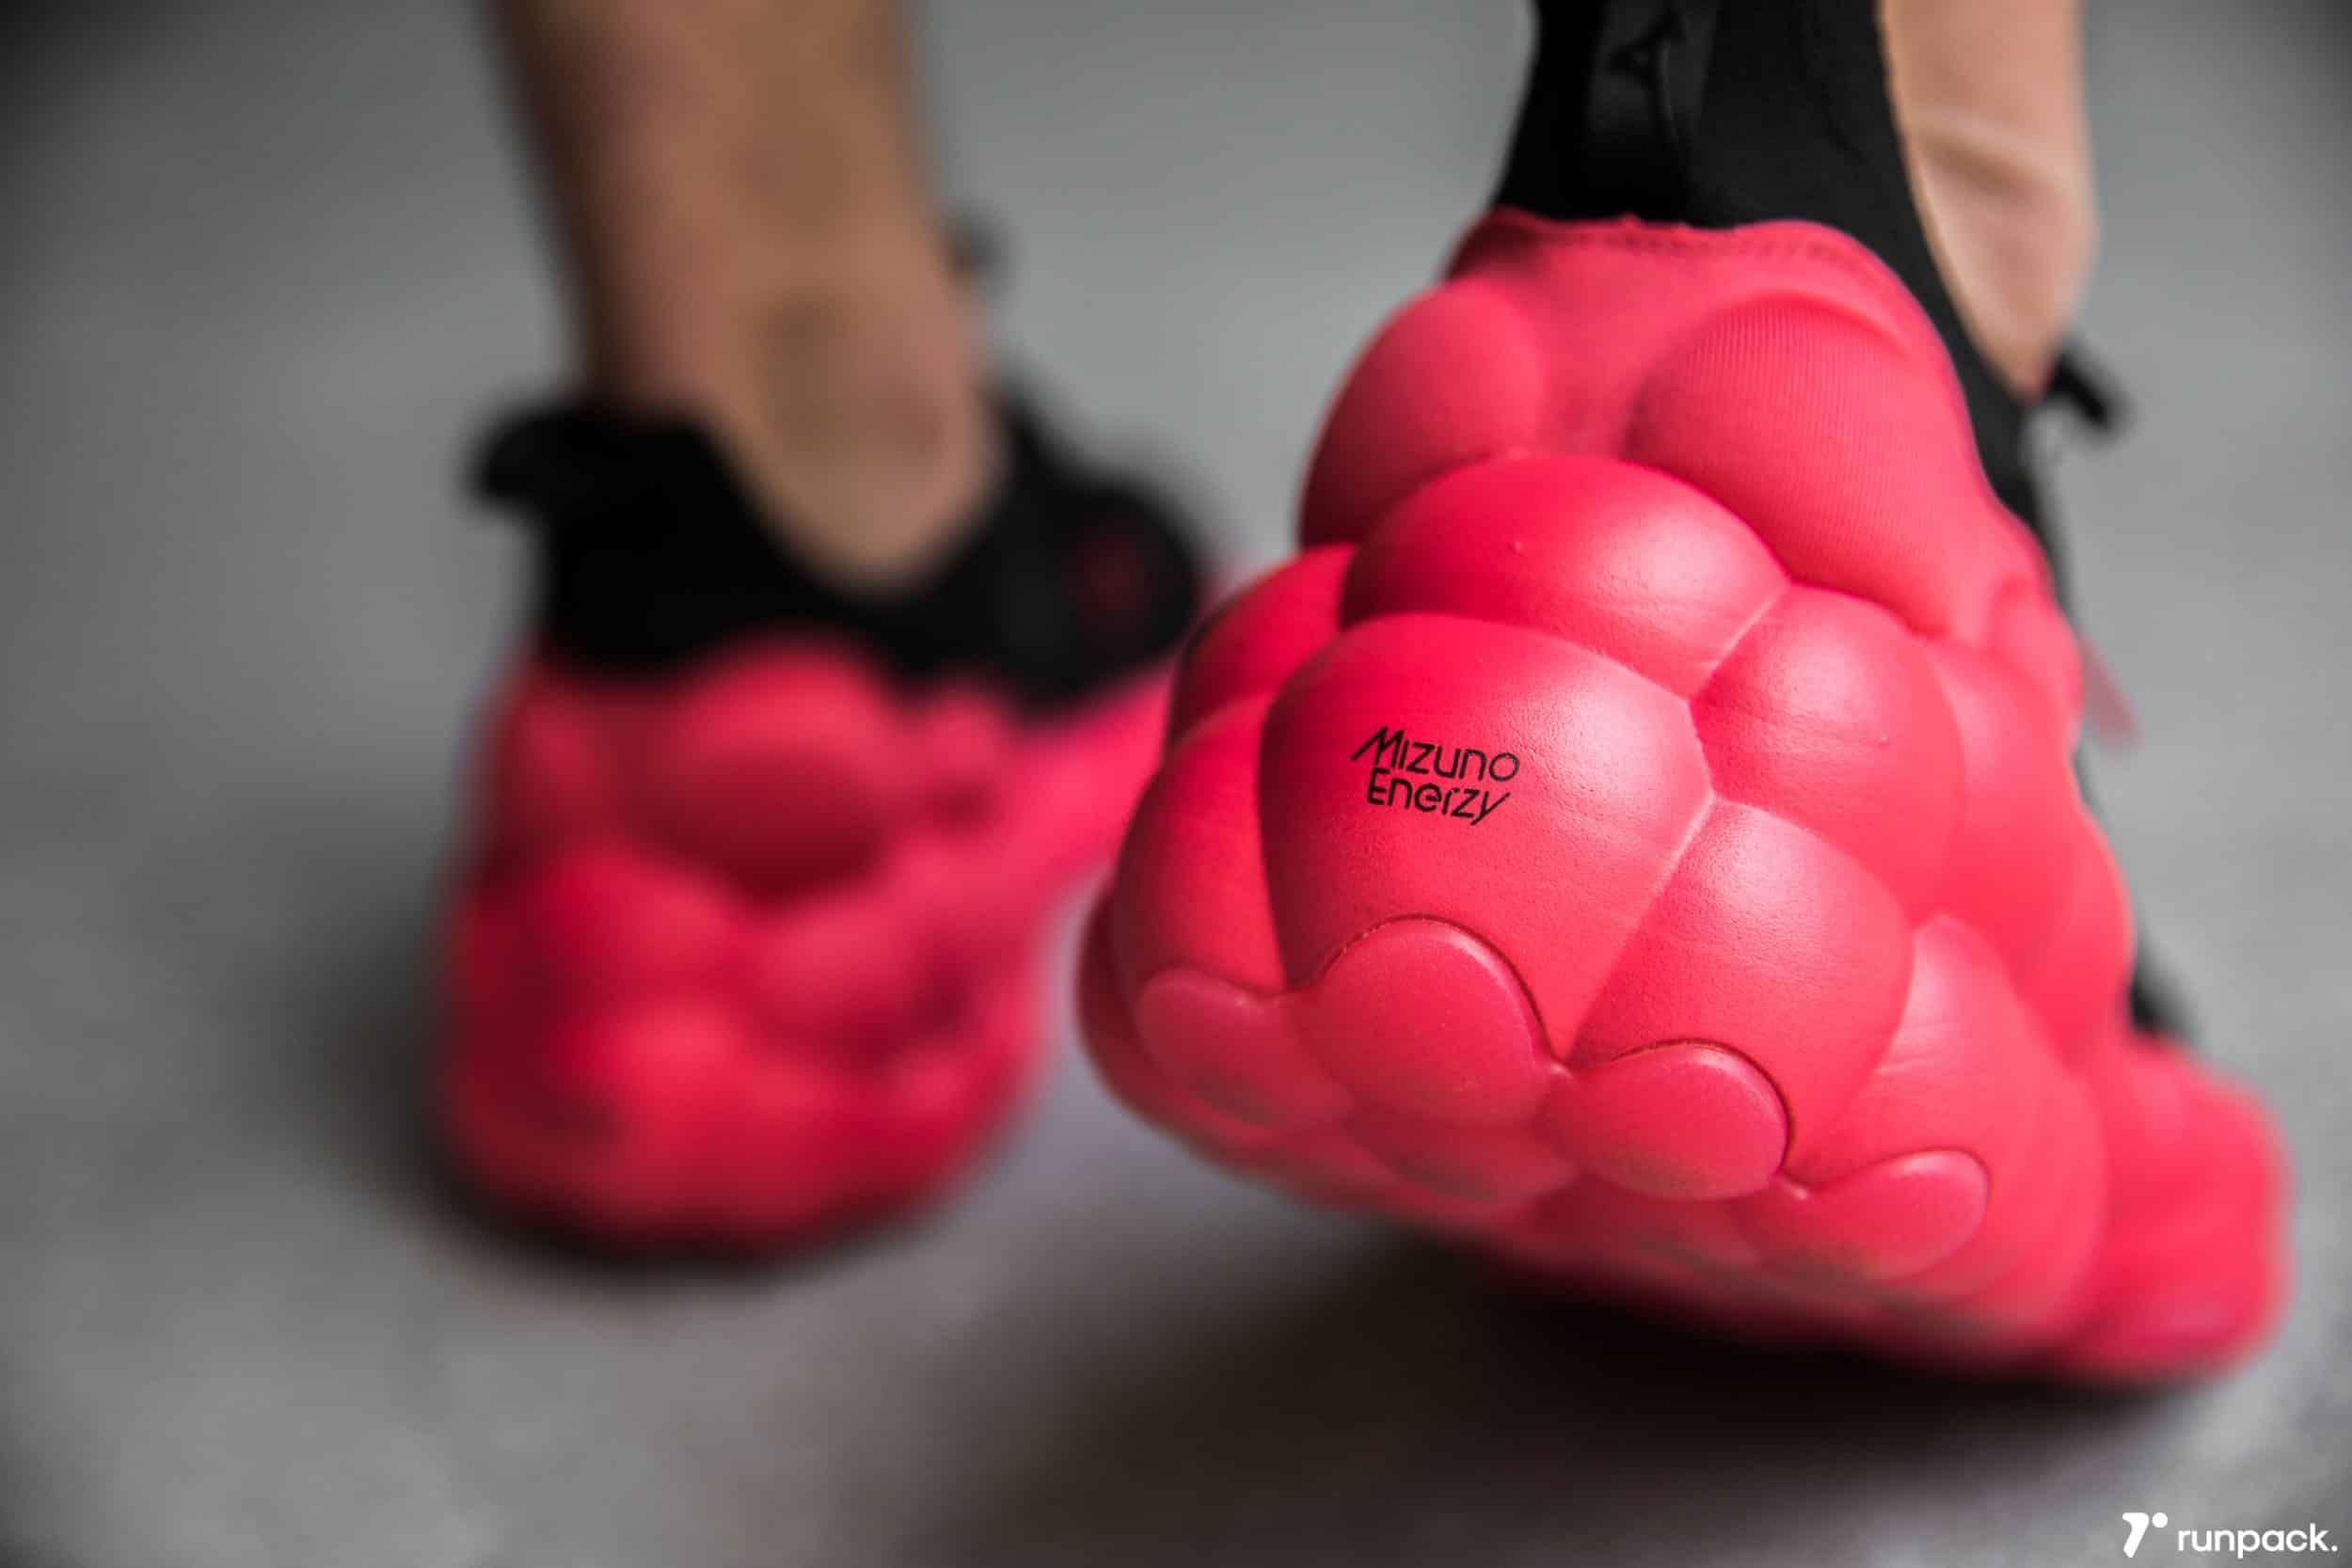 Mizuno Enerzy, la nouvelle technologie pour les chaussures